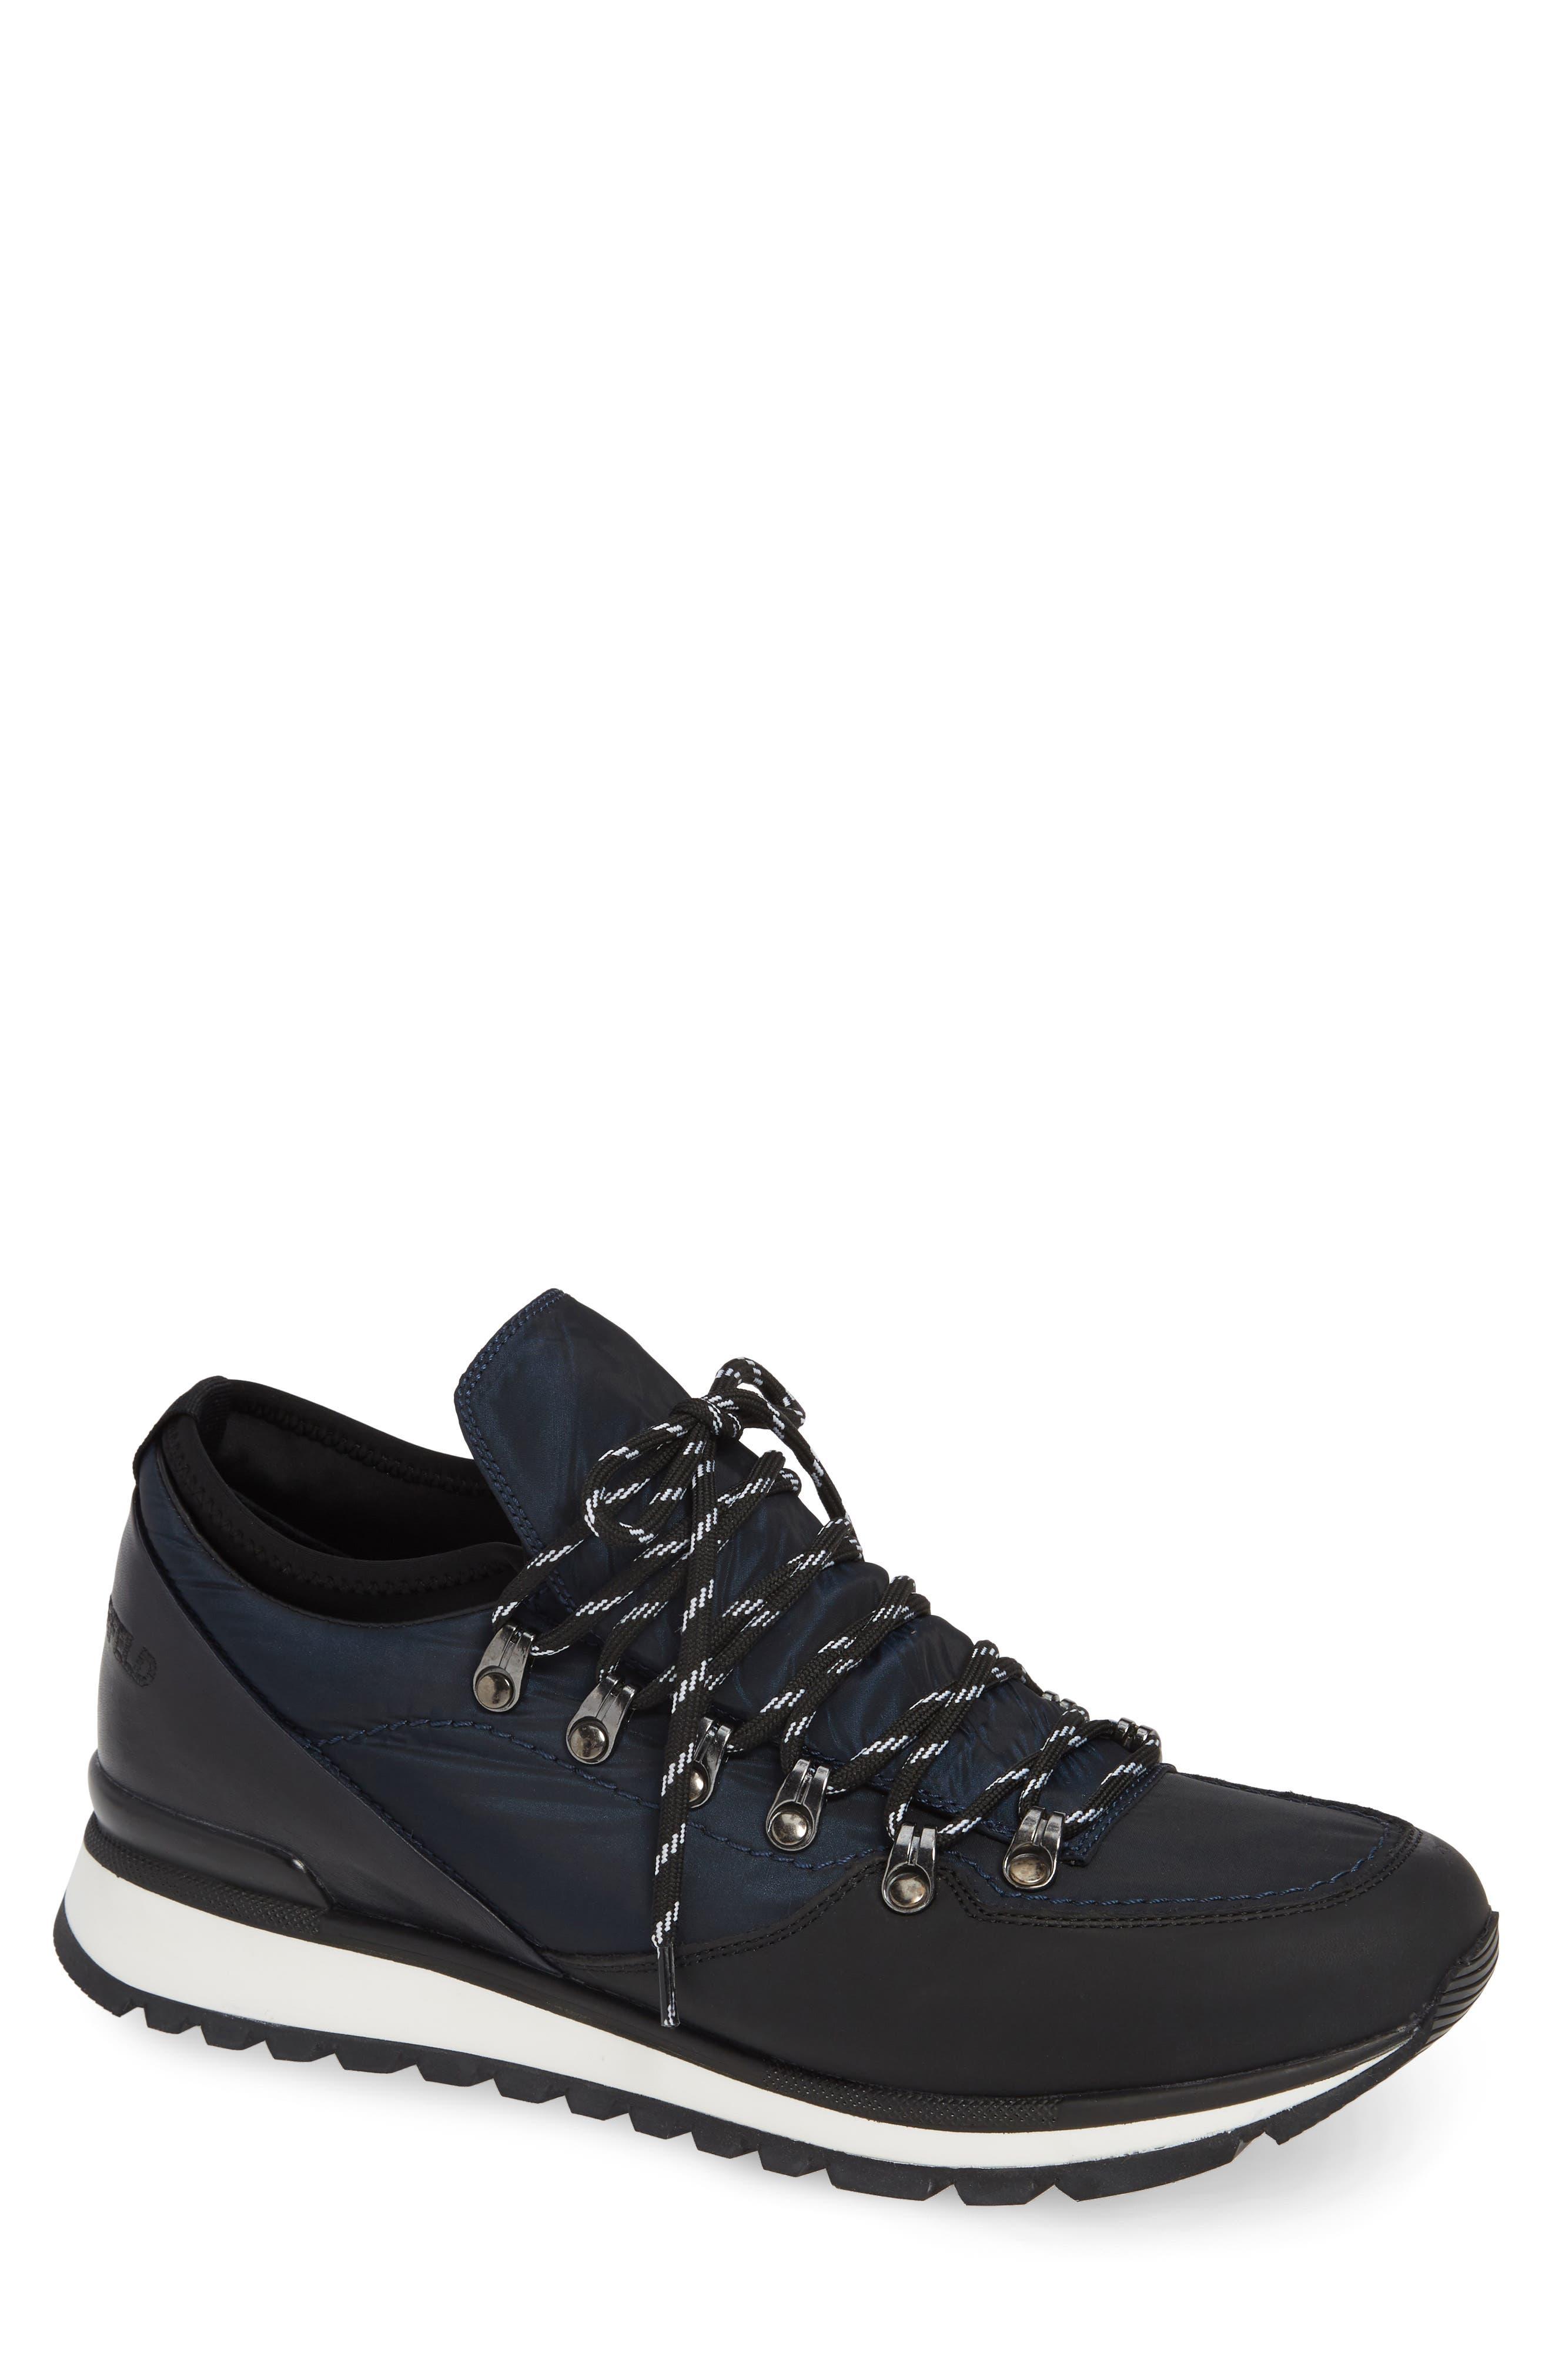 Low Top Hiker Sneaker,                         Main,                         color, NAVY